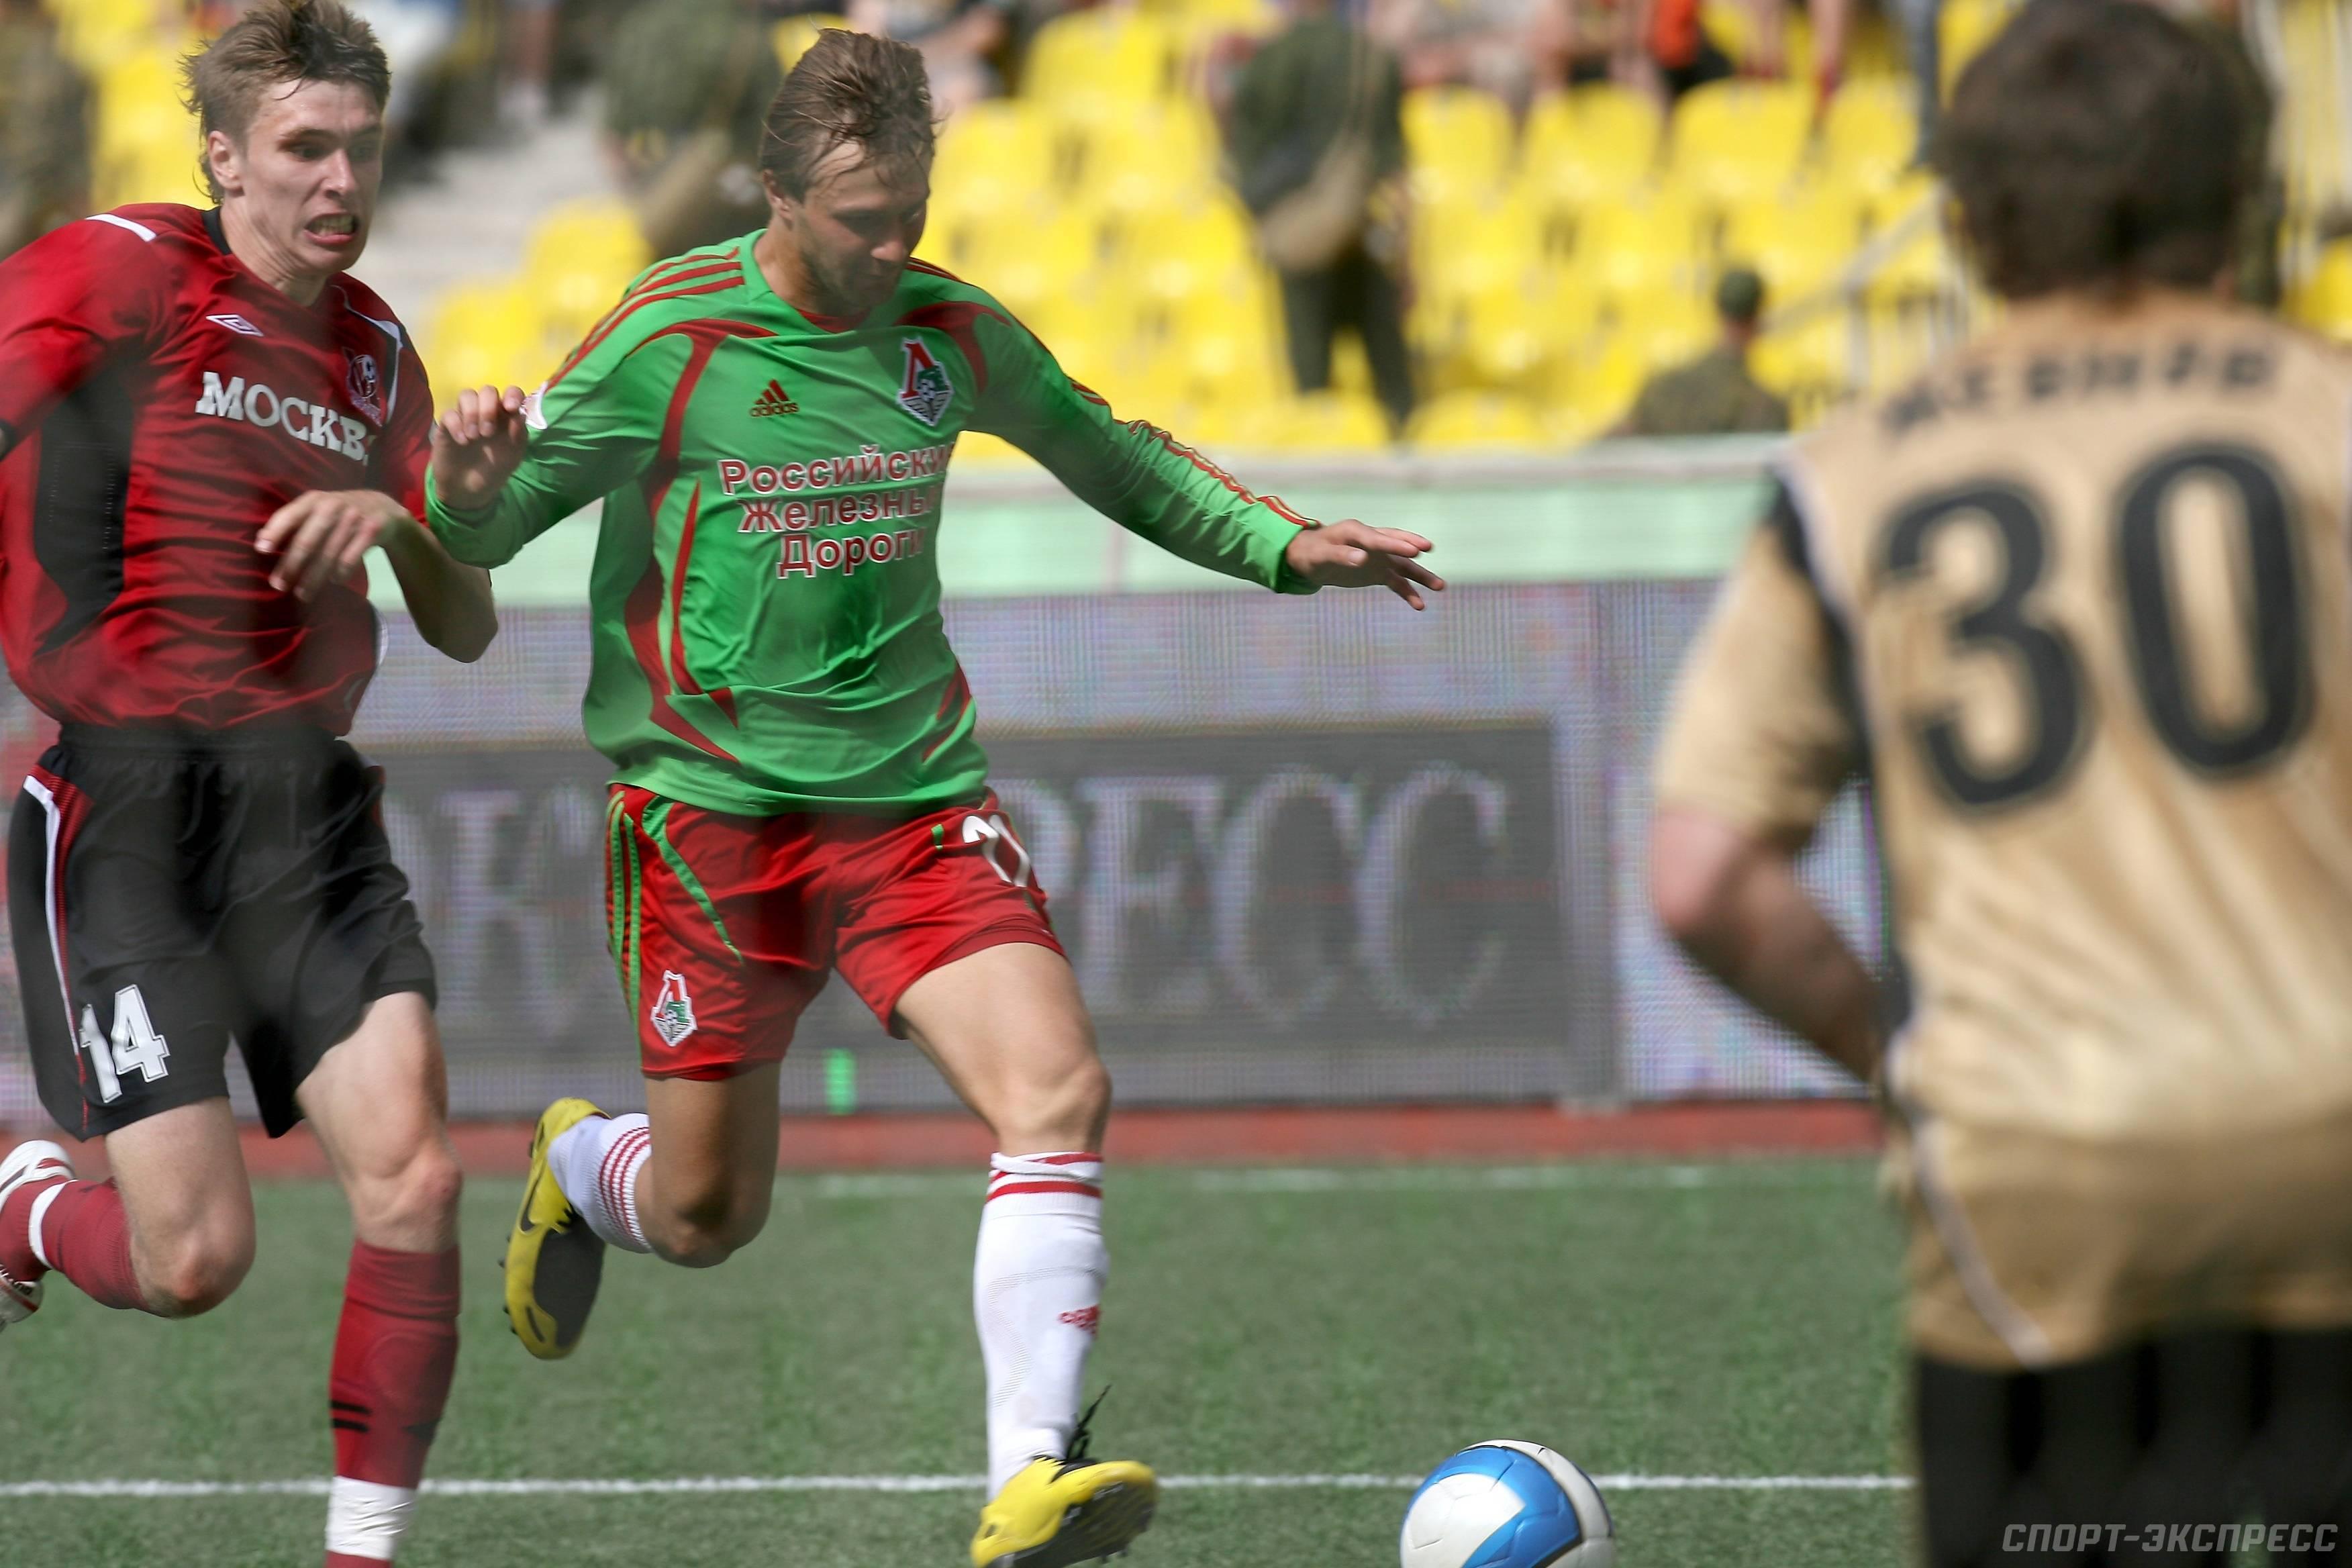 Дмитрий сычев: биография и личная жизнь футболиста